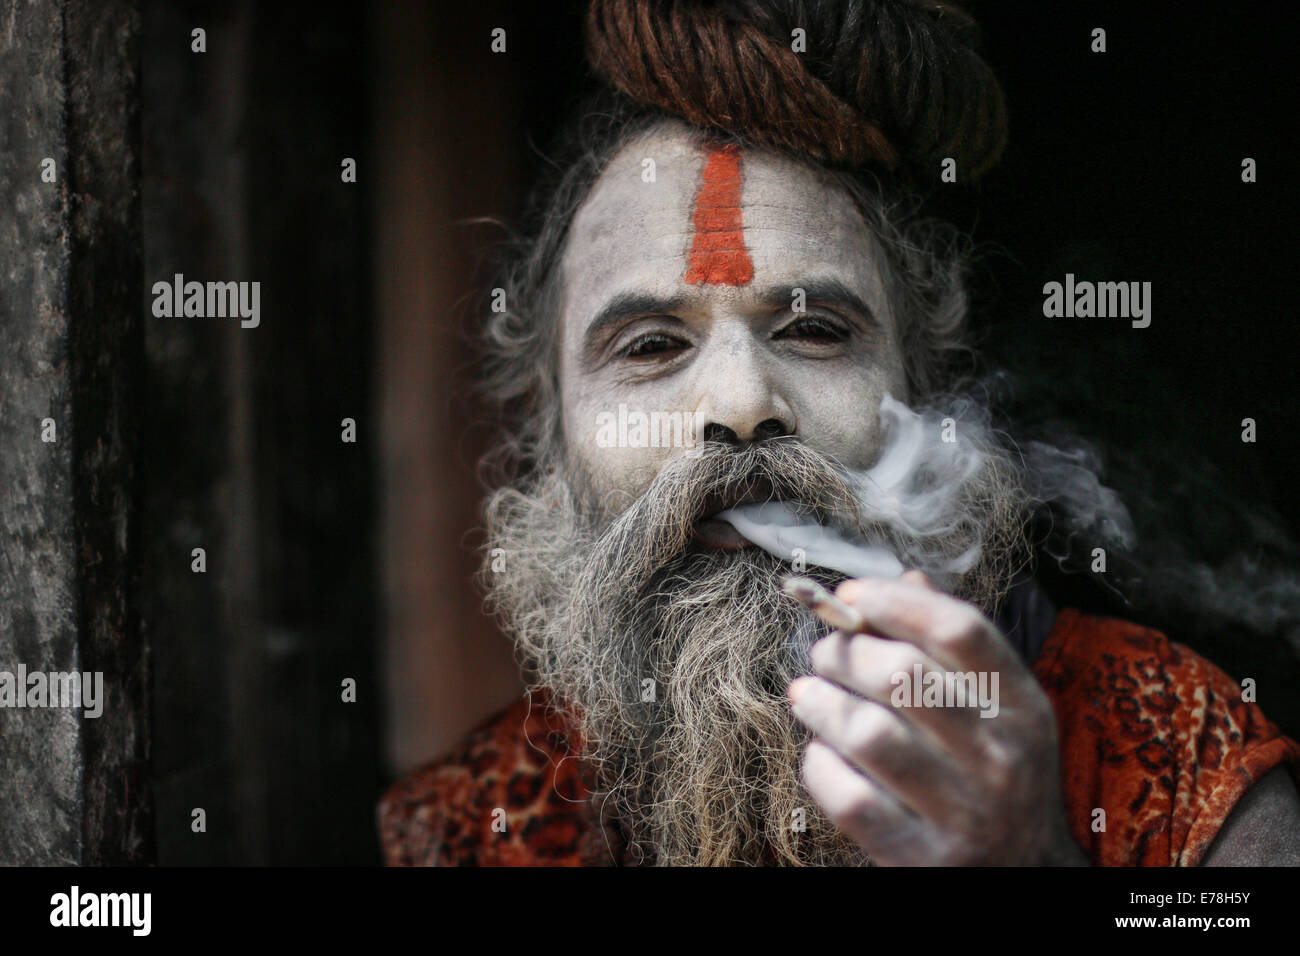 Smoking Sadhu - Stock Image